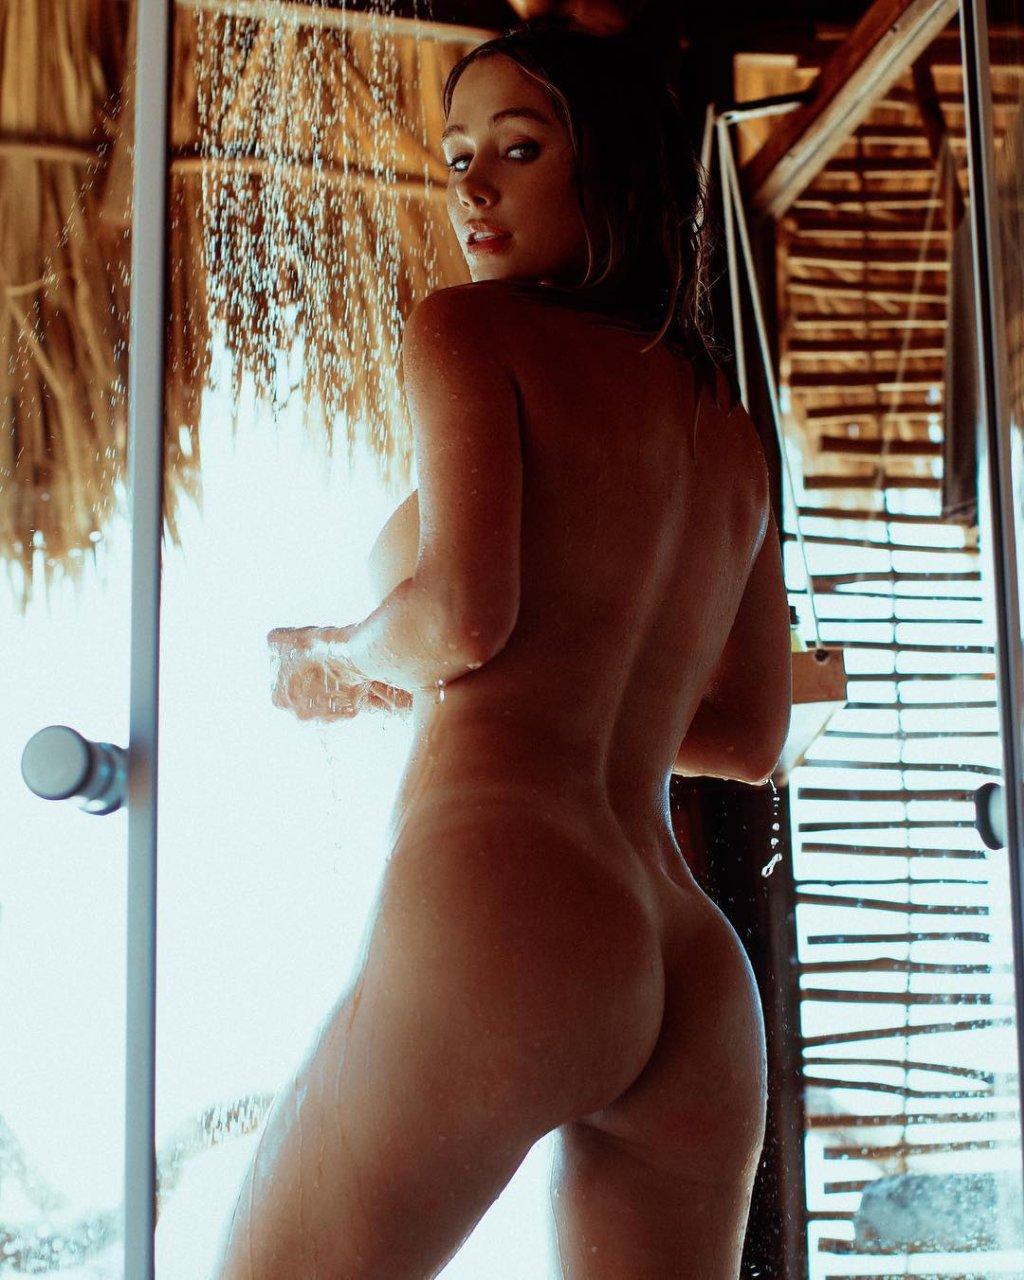 Sarah underwood naked